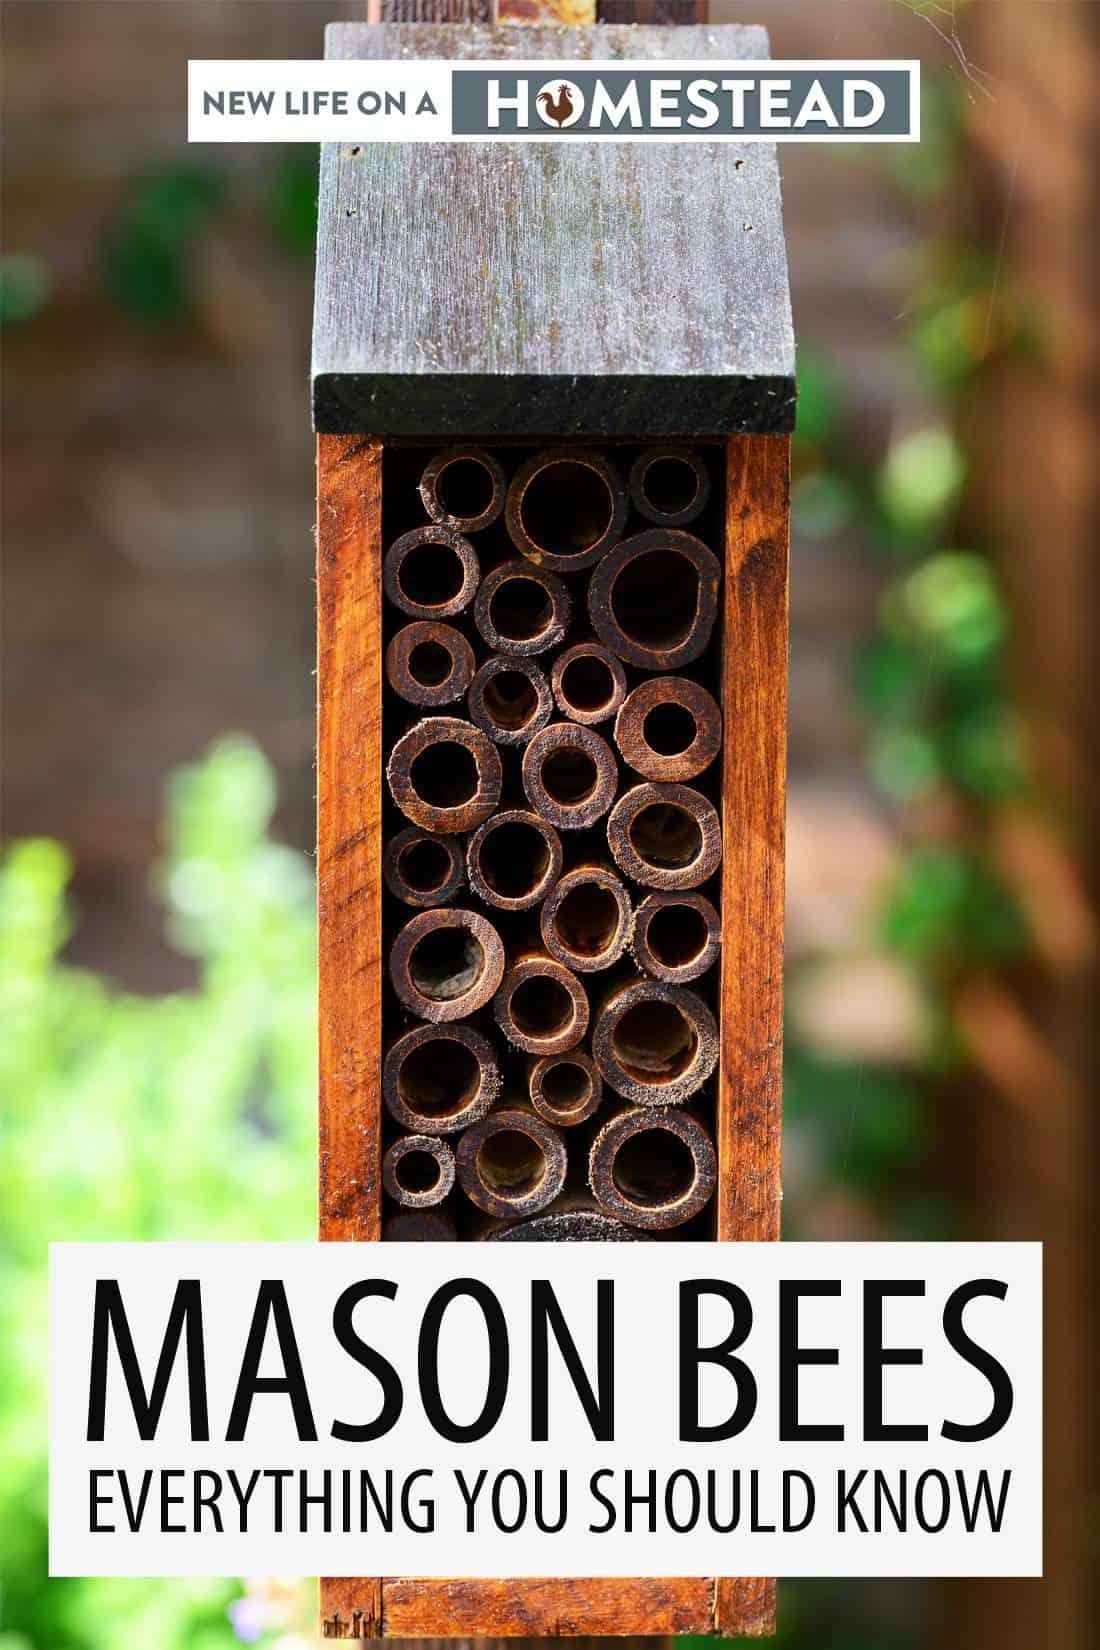 mason bees pin image